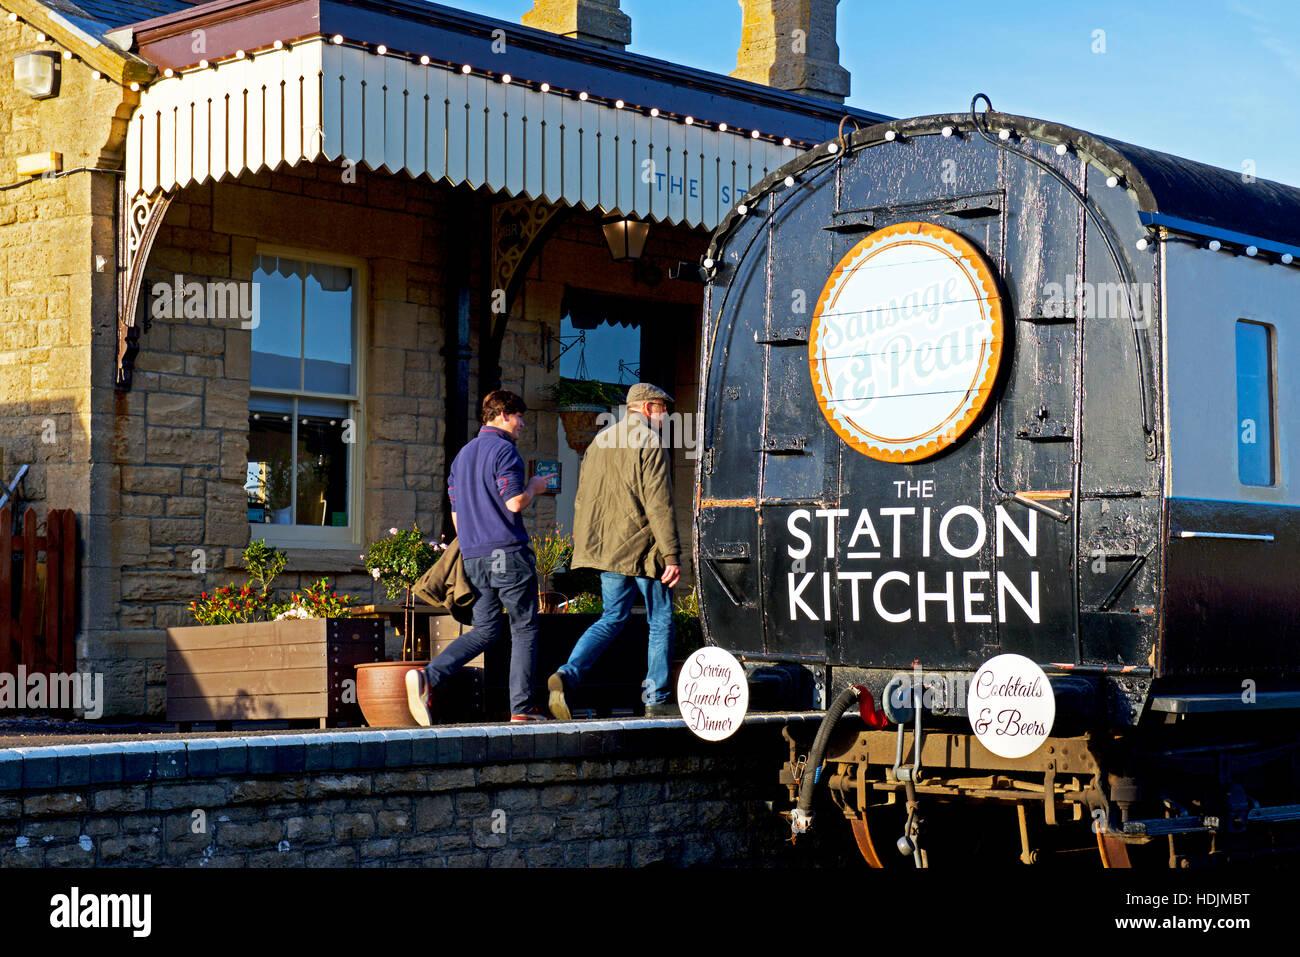 Restaurant Kitchen Stations the station kitchen restaurant in west bay, bridport, dorset